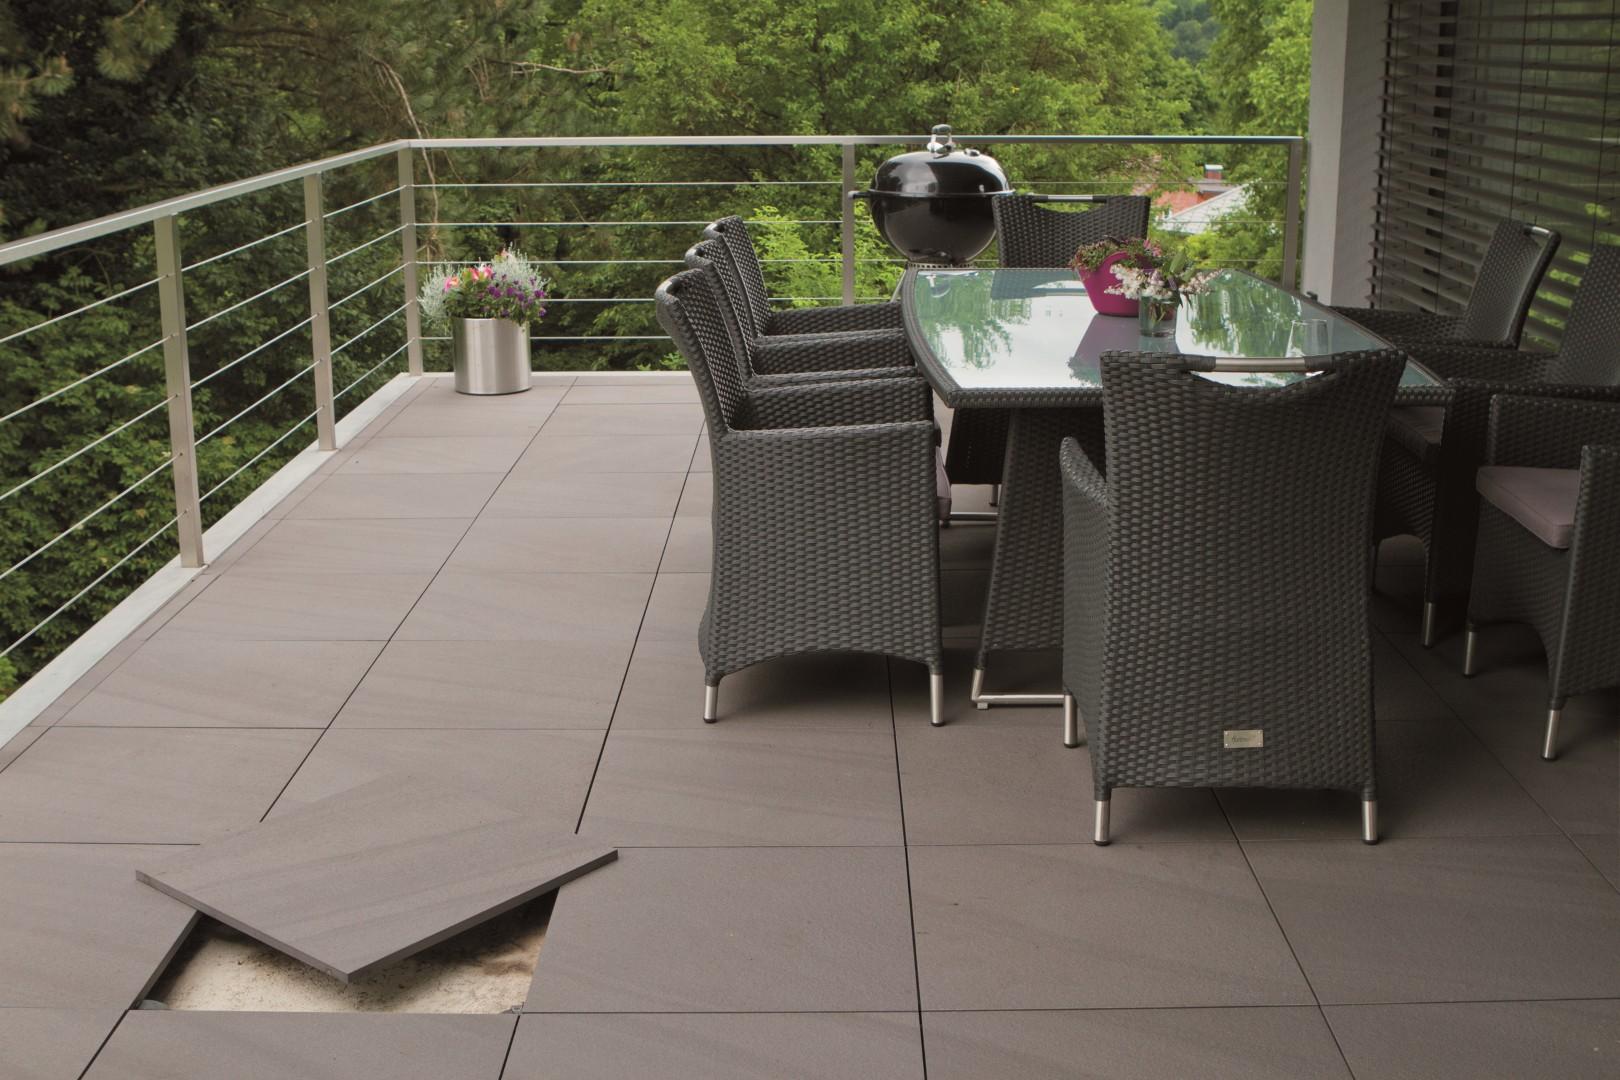 referenties tuinen en terrassen. Black Bedroom Furniture Sets. Home Design Ideas